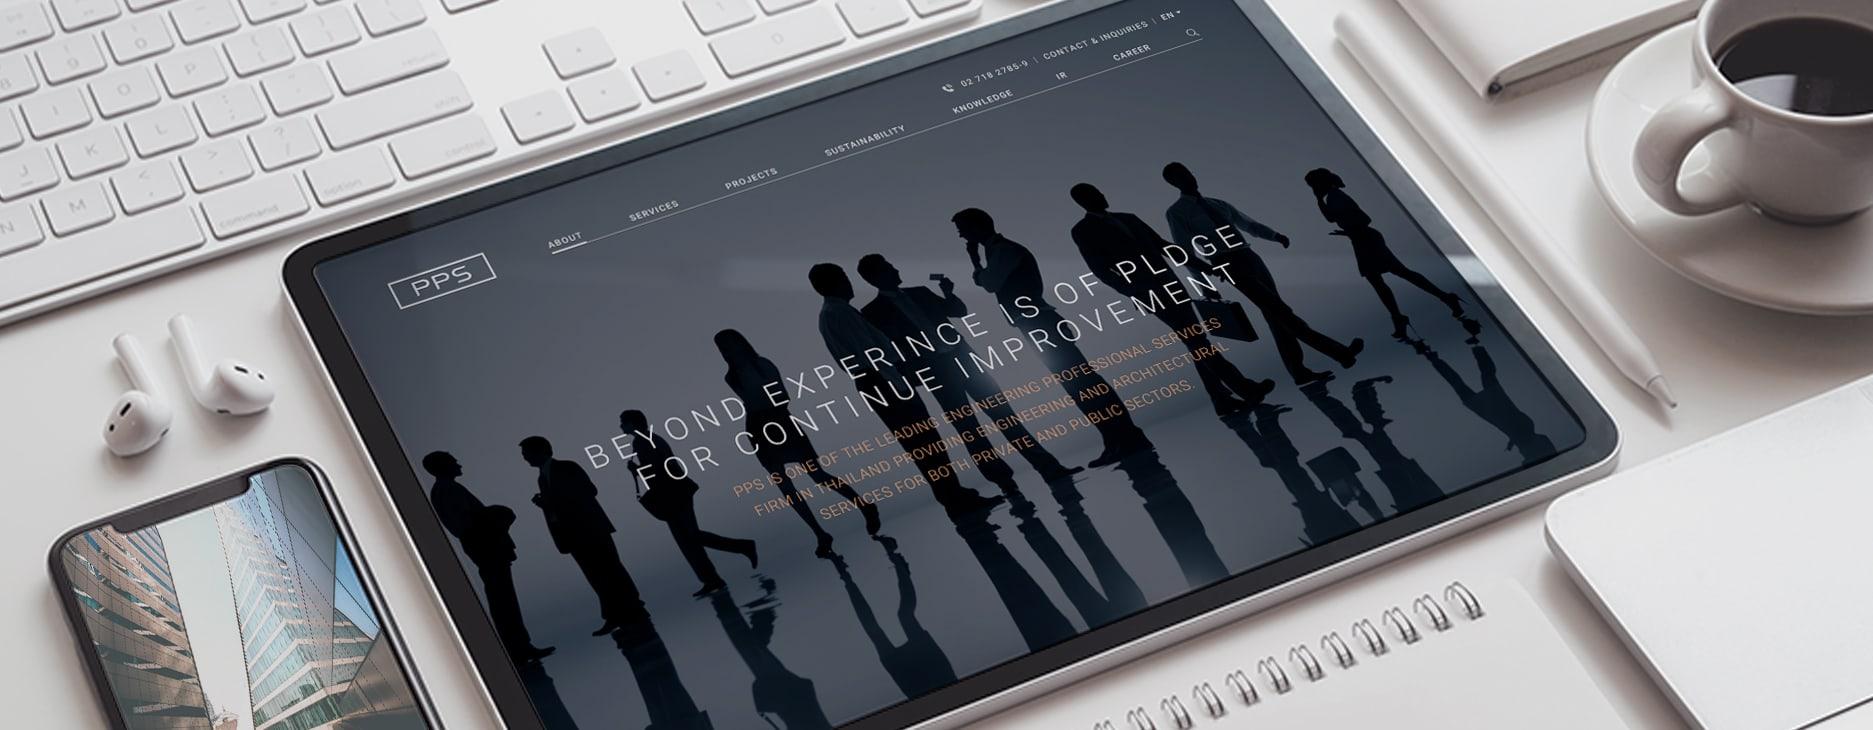 Web Design Sphere Agency Banner